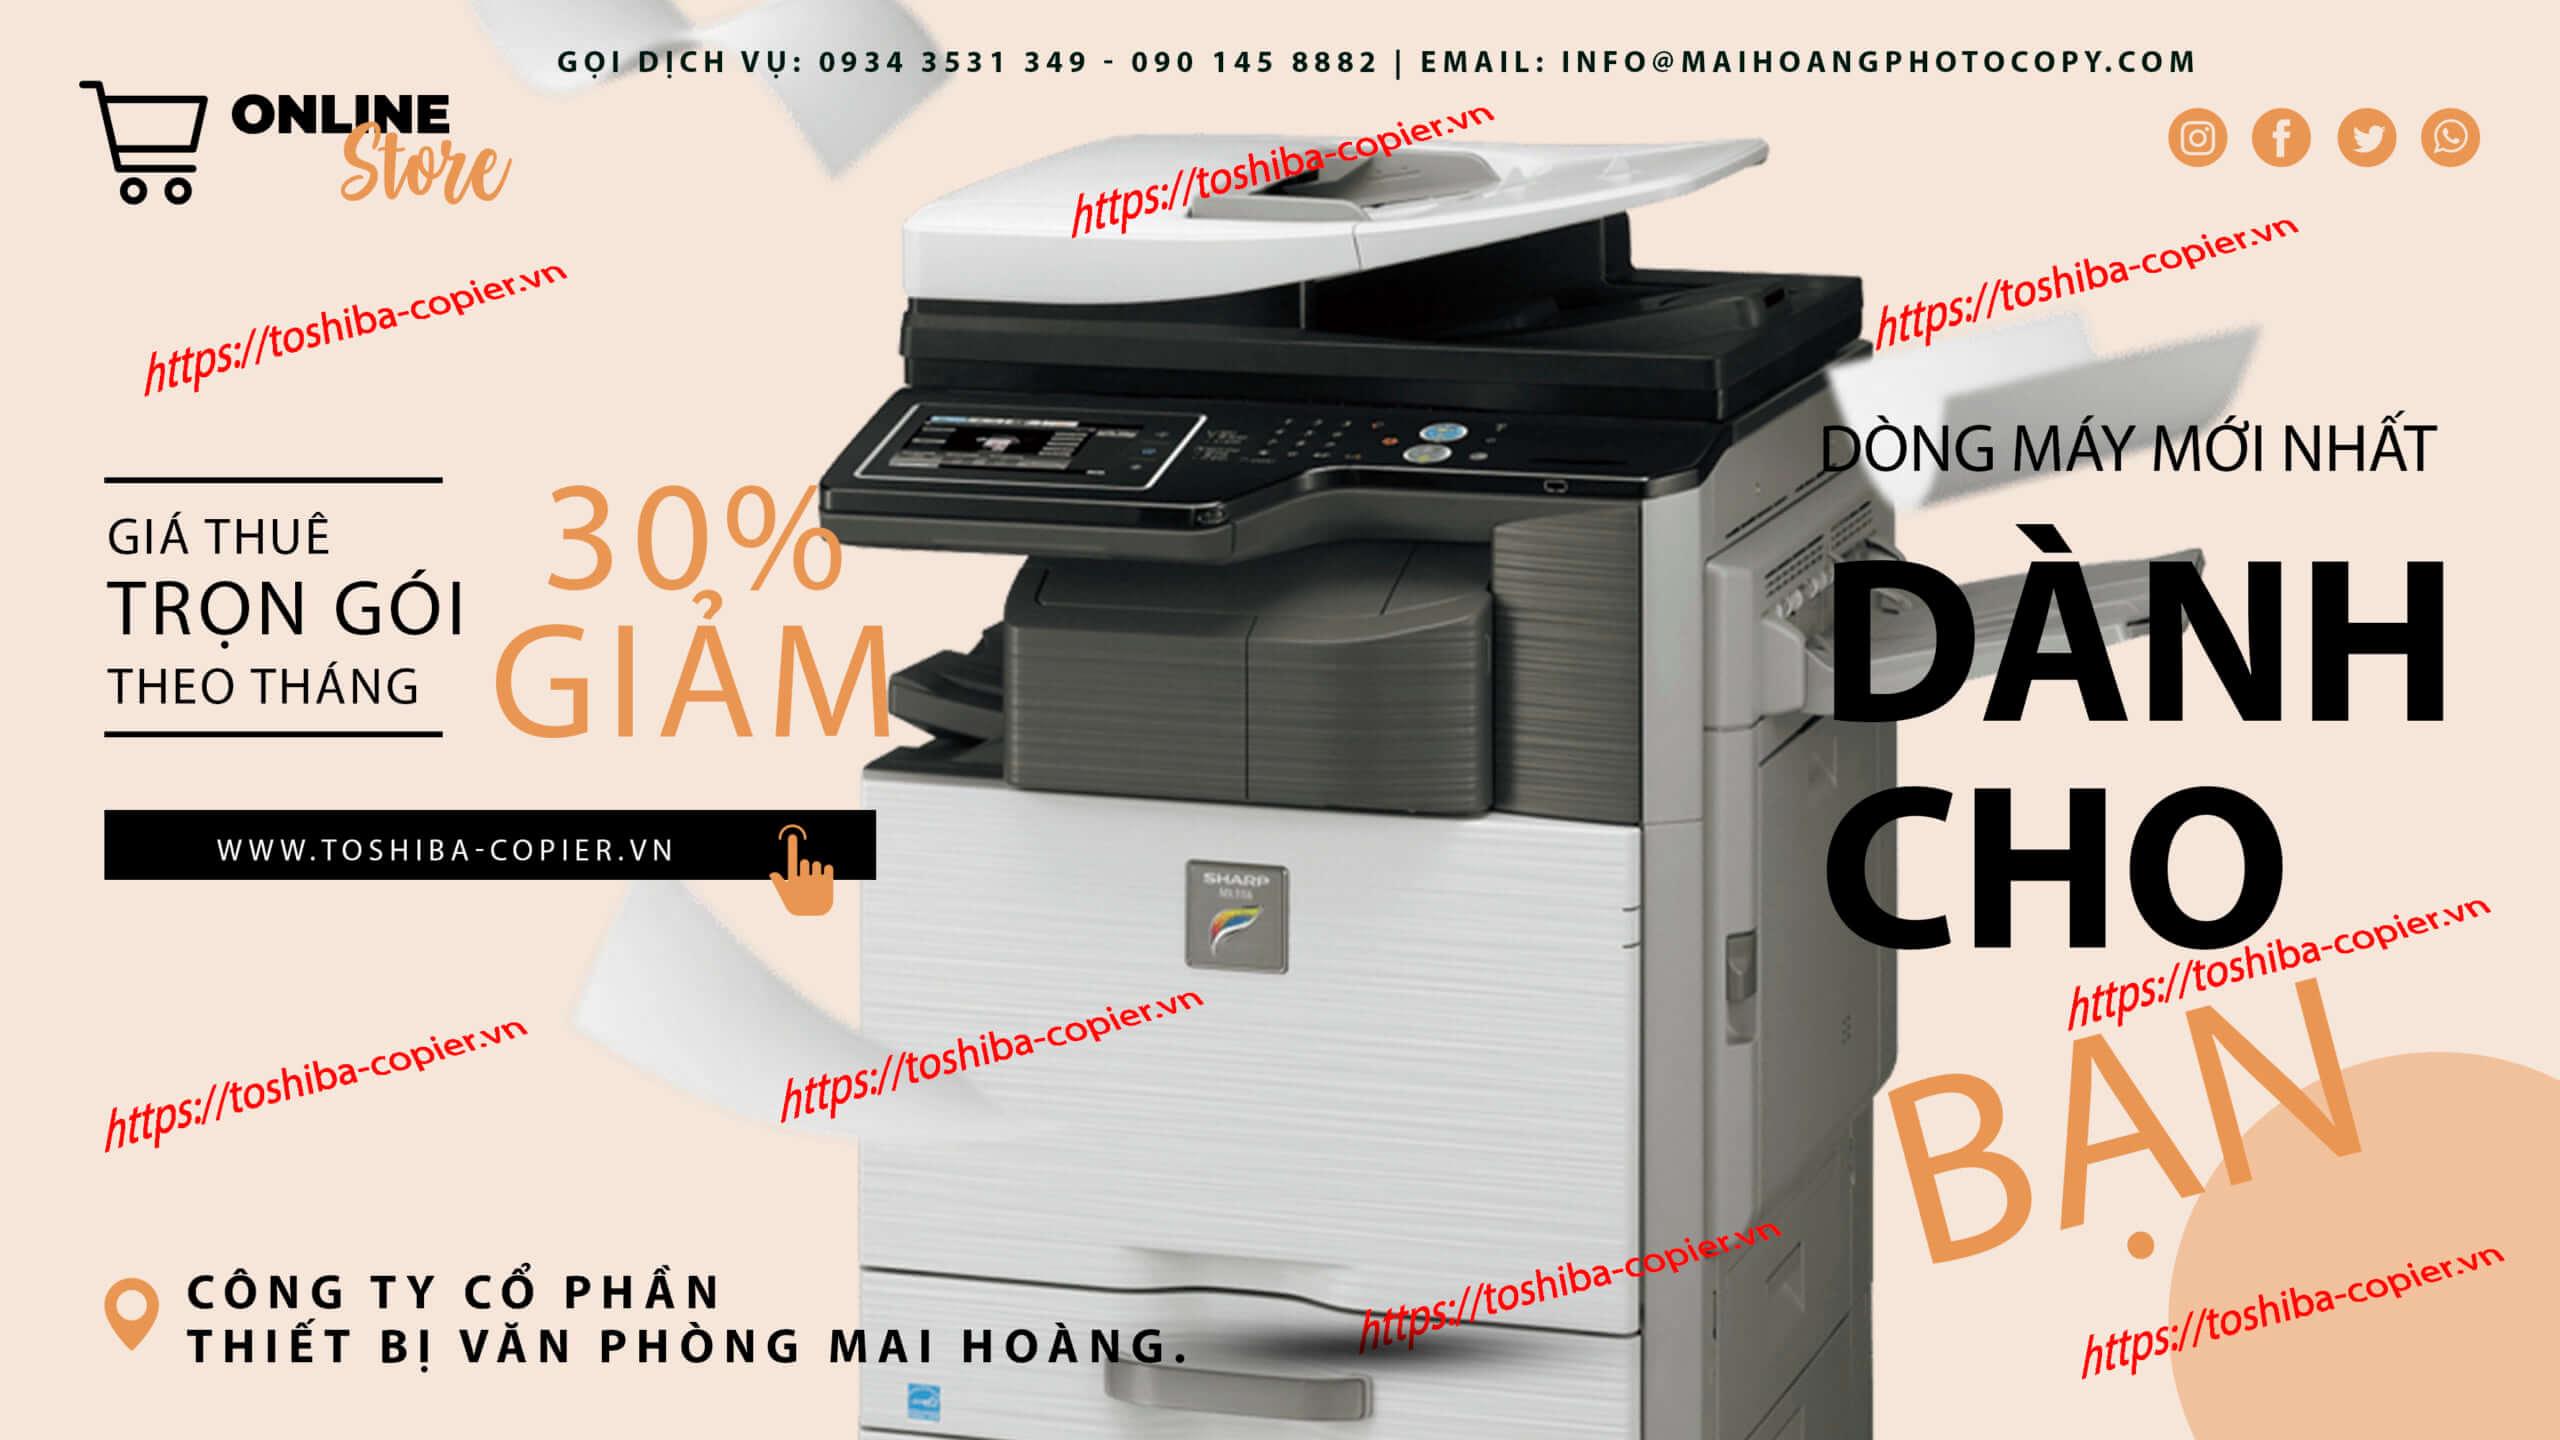 cho thuê máy photocopy sharp Tại sao bạn nên mua máy photocopy Sharp? Đây là những lý do